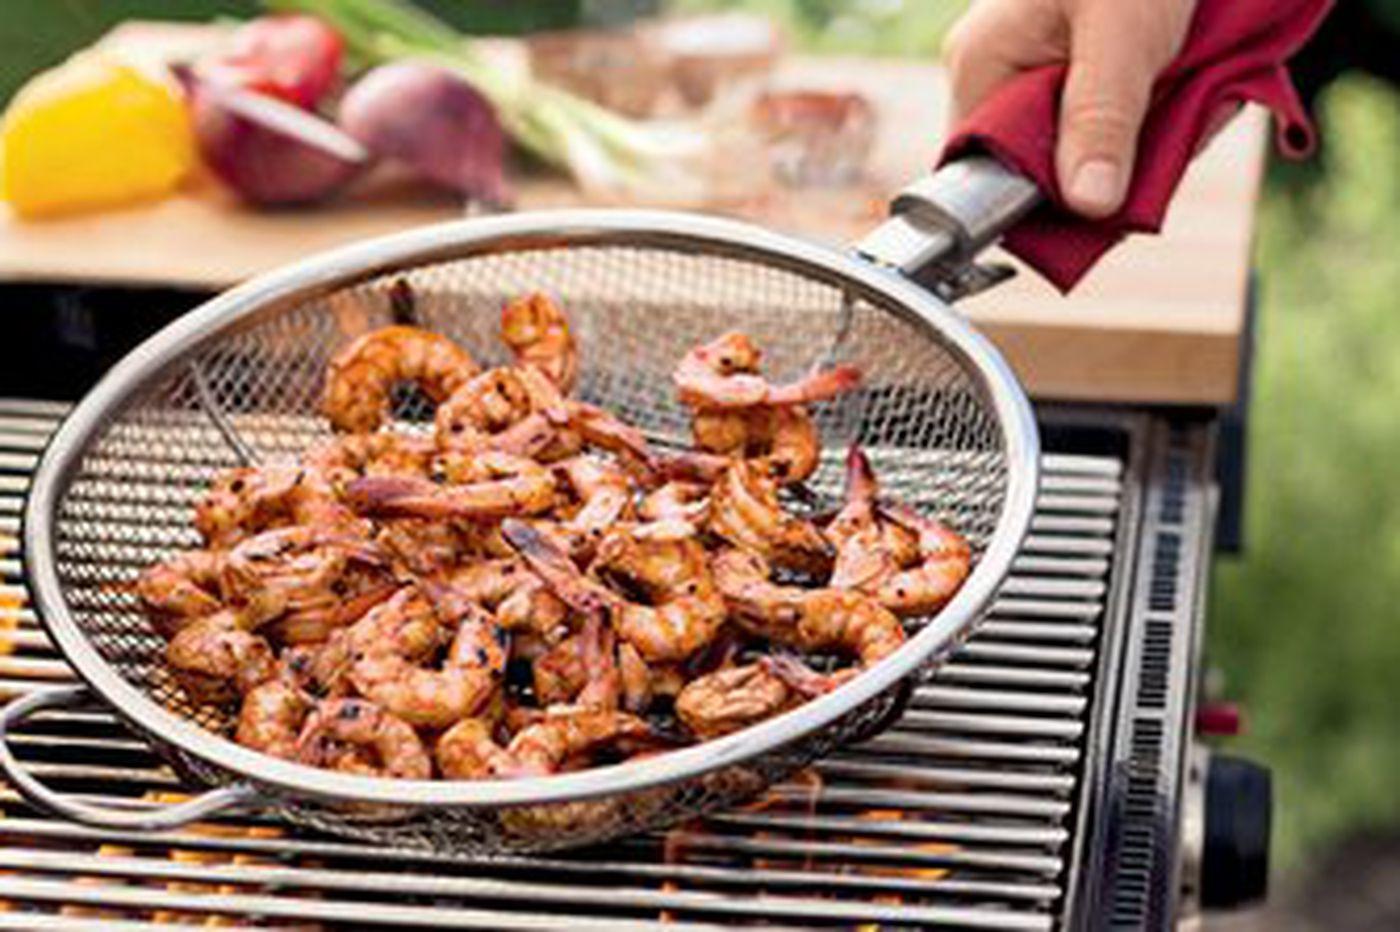 Update your grill menu